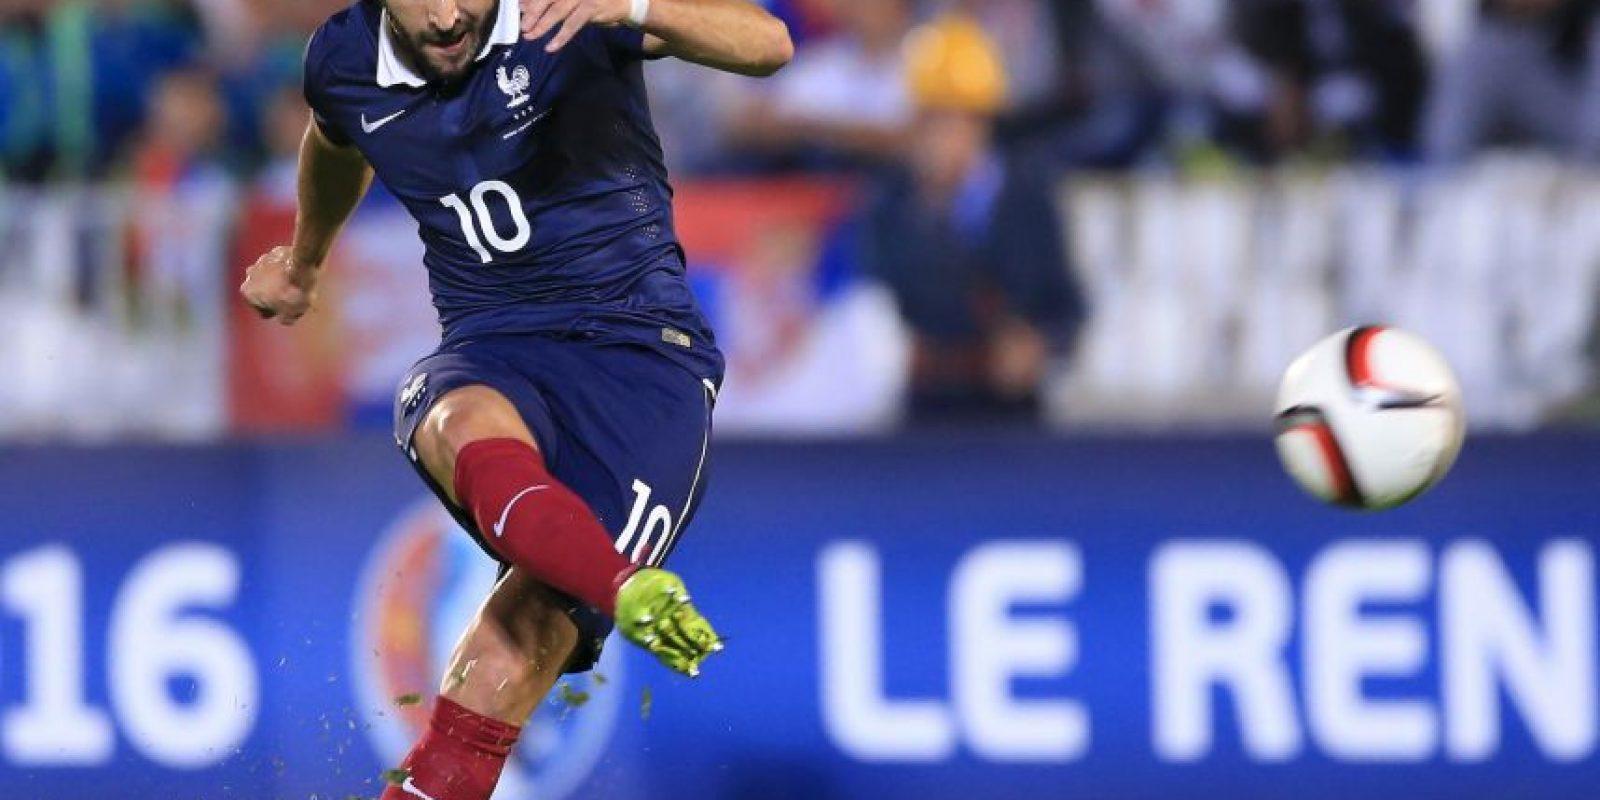 En el partido entre Francia y Portugal se medirán los merengues Karim Benzema y Cristiano Ronaldo Foto:Getty